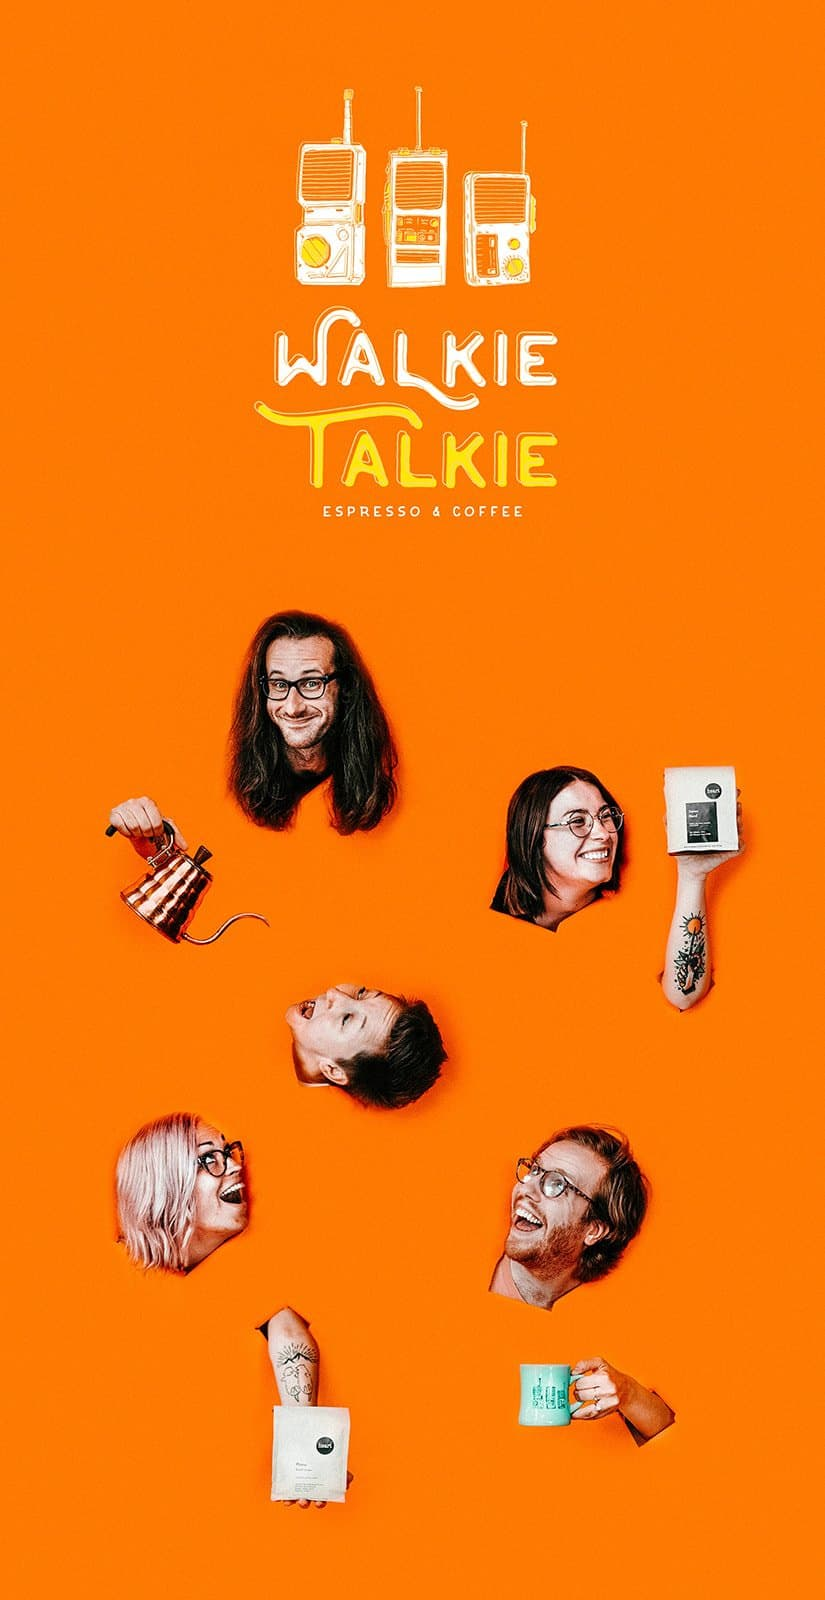 Walkie Talkie Espresso & Coffee 13